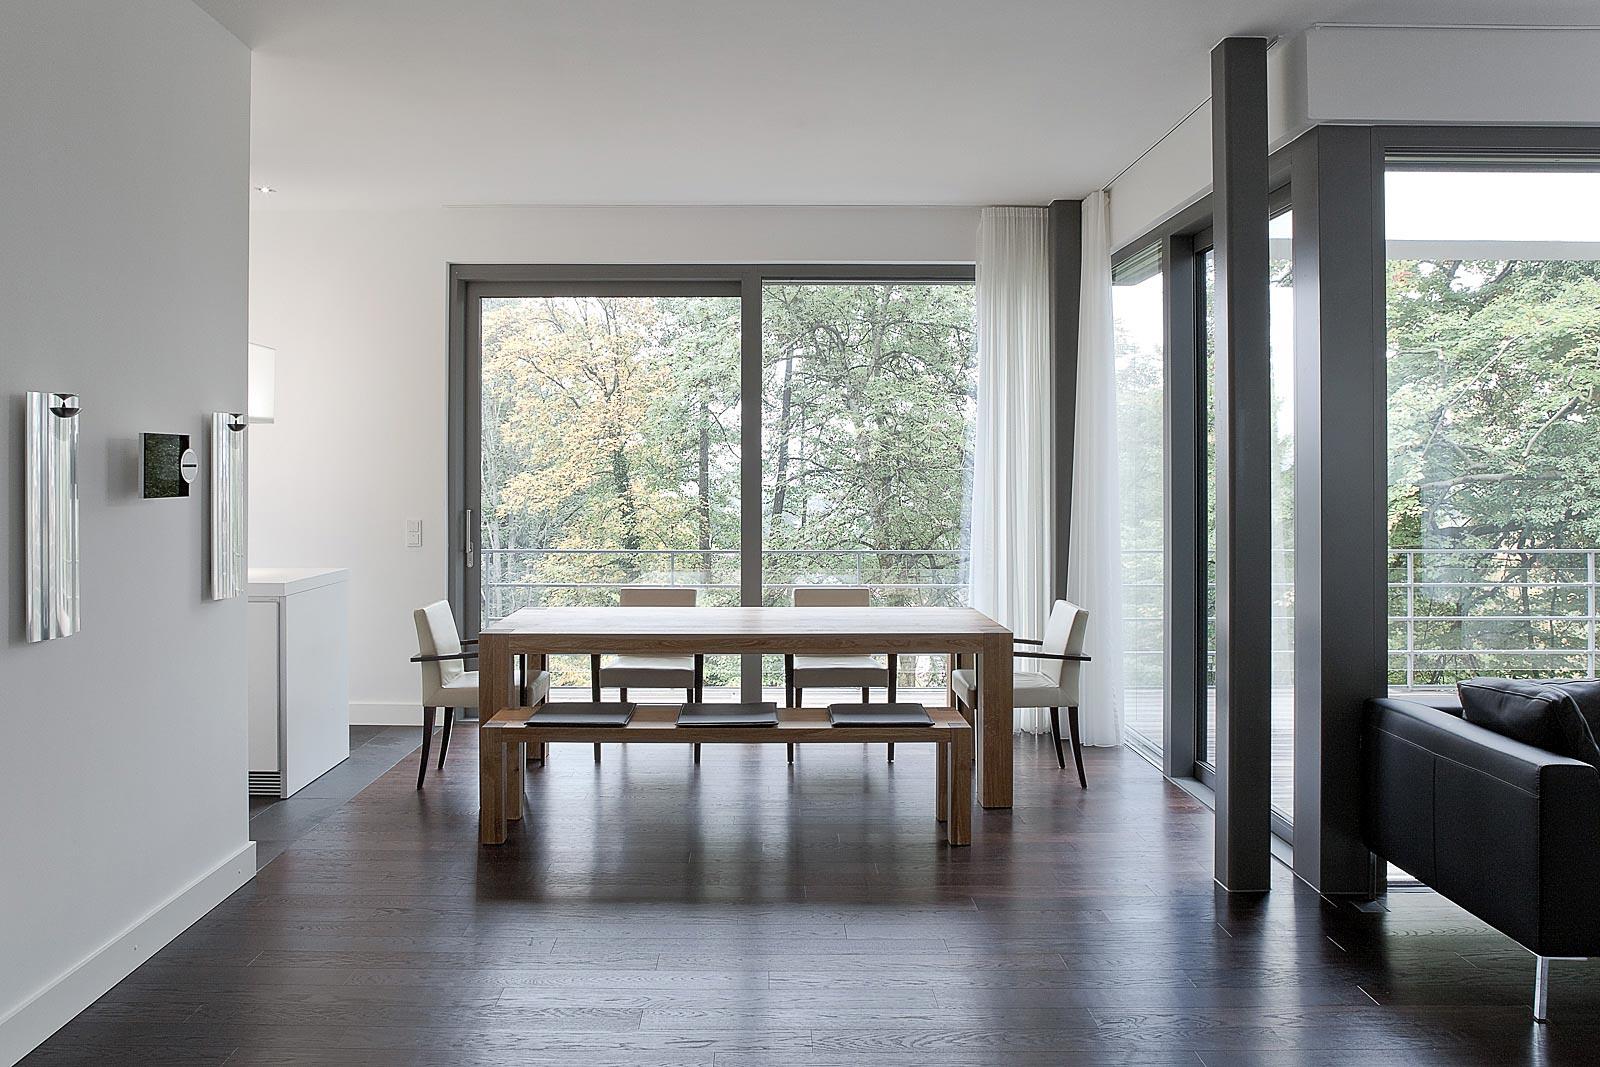 Architekturfotografie von Innenräumen